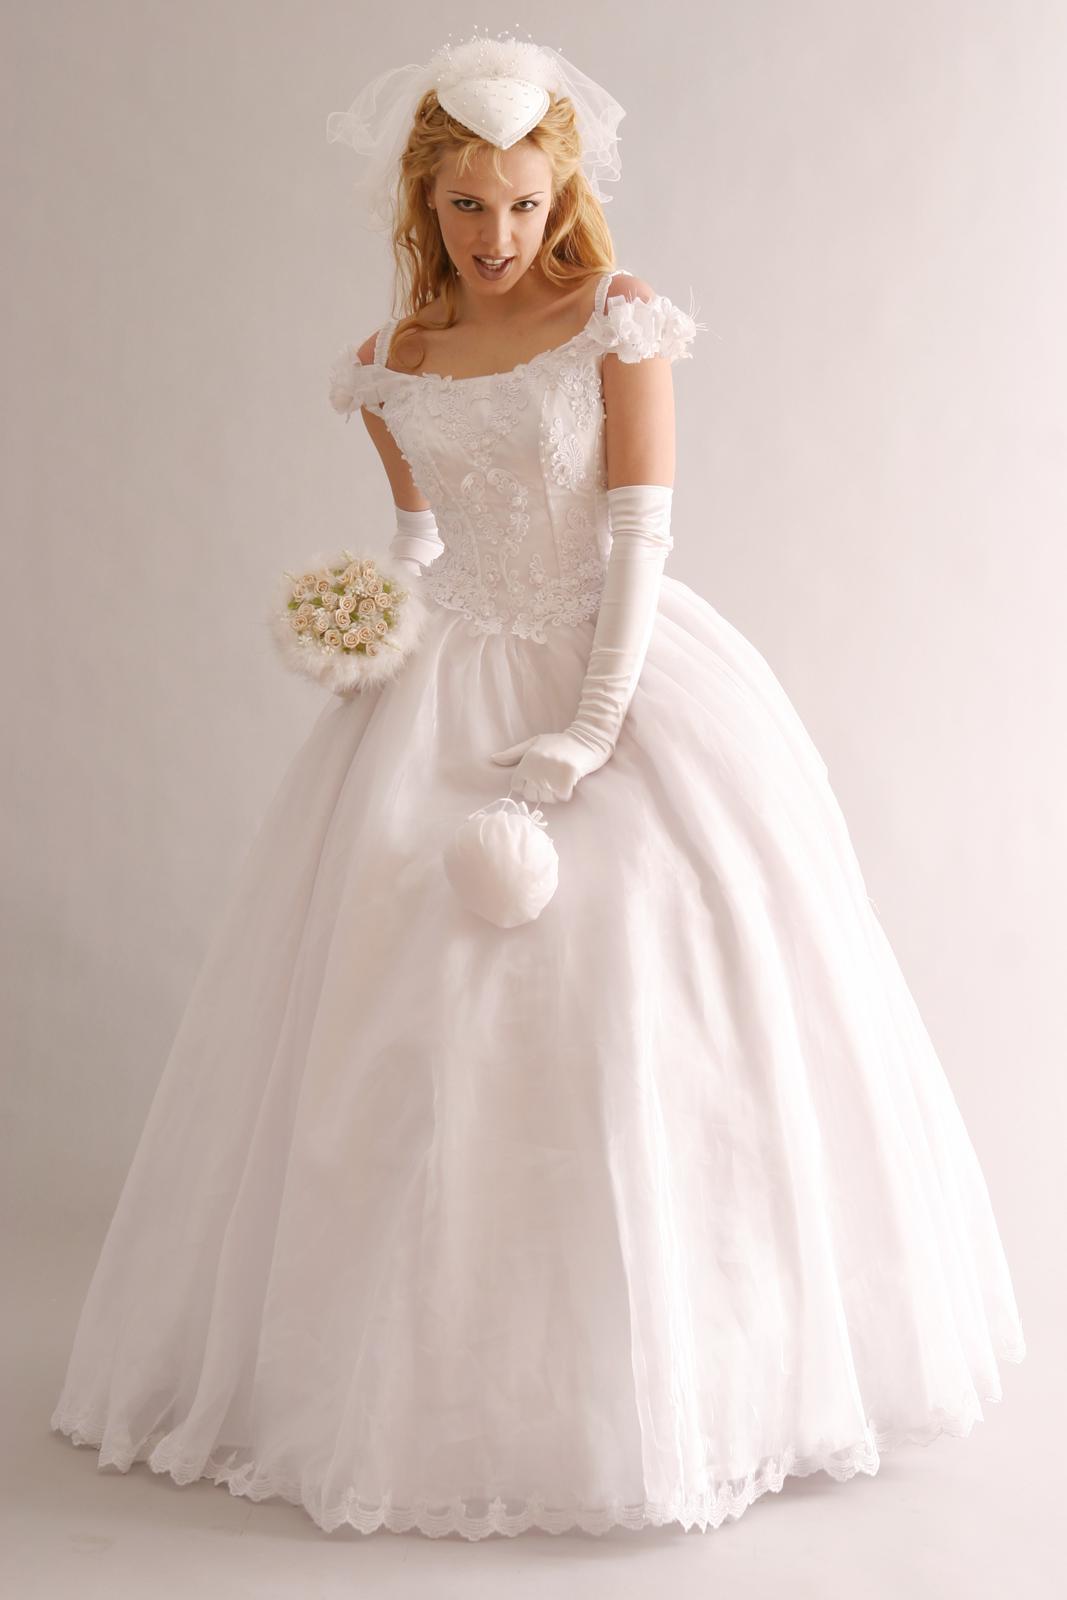 princeznovske svadobne saty - Obrázok č. 3